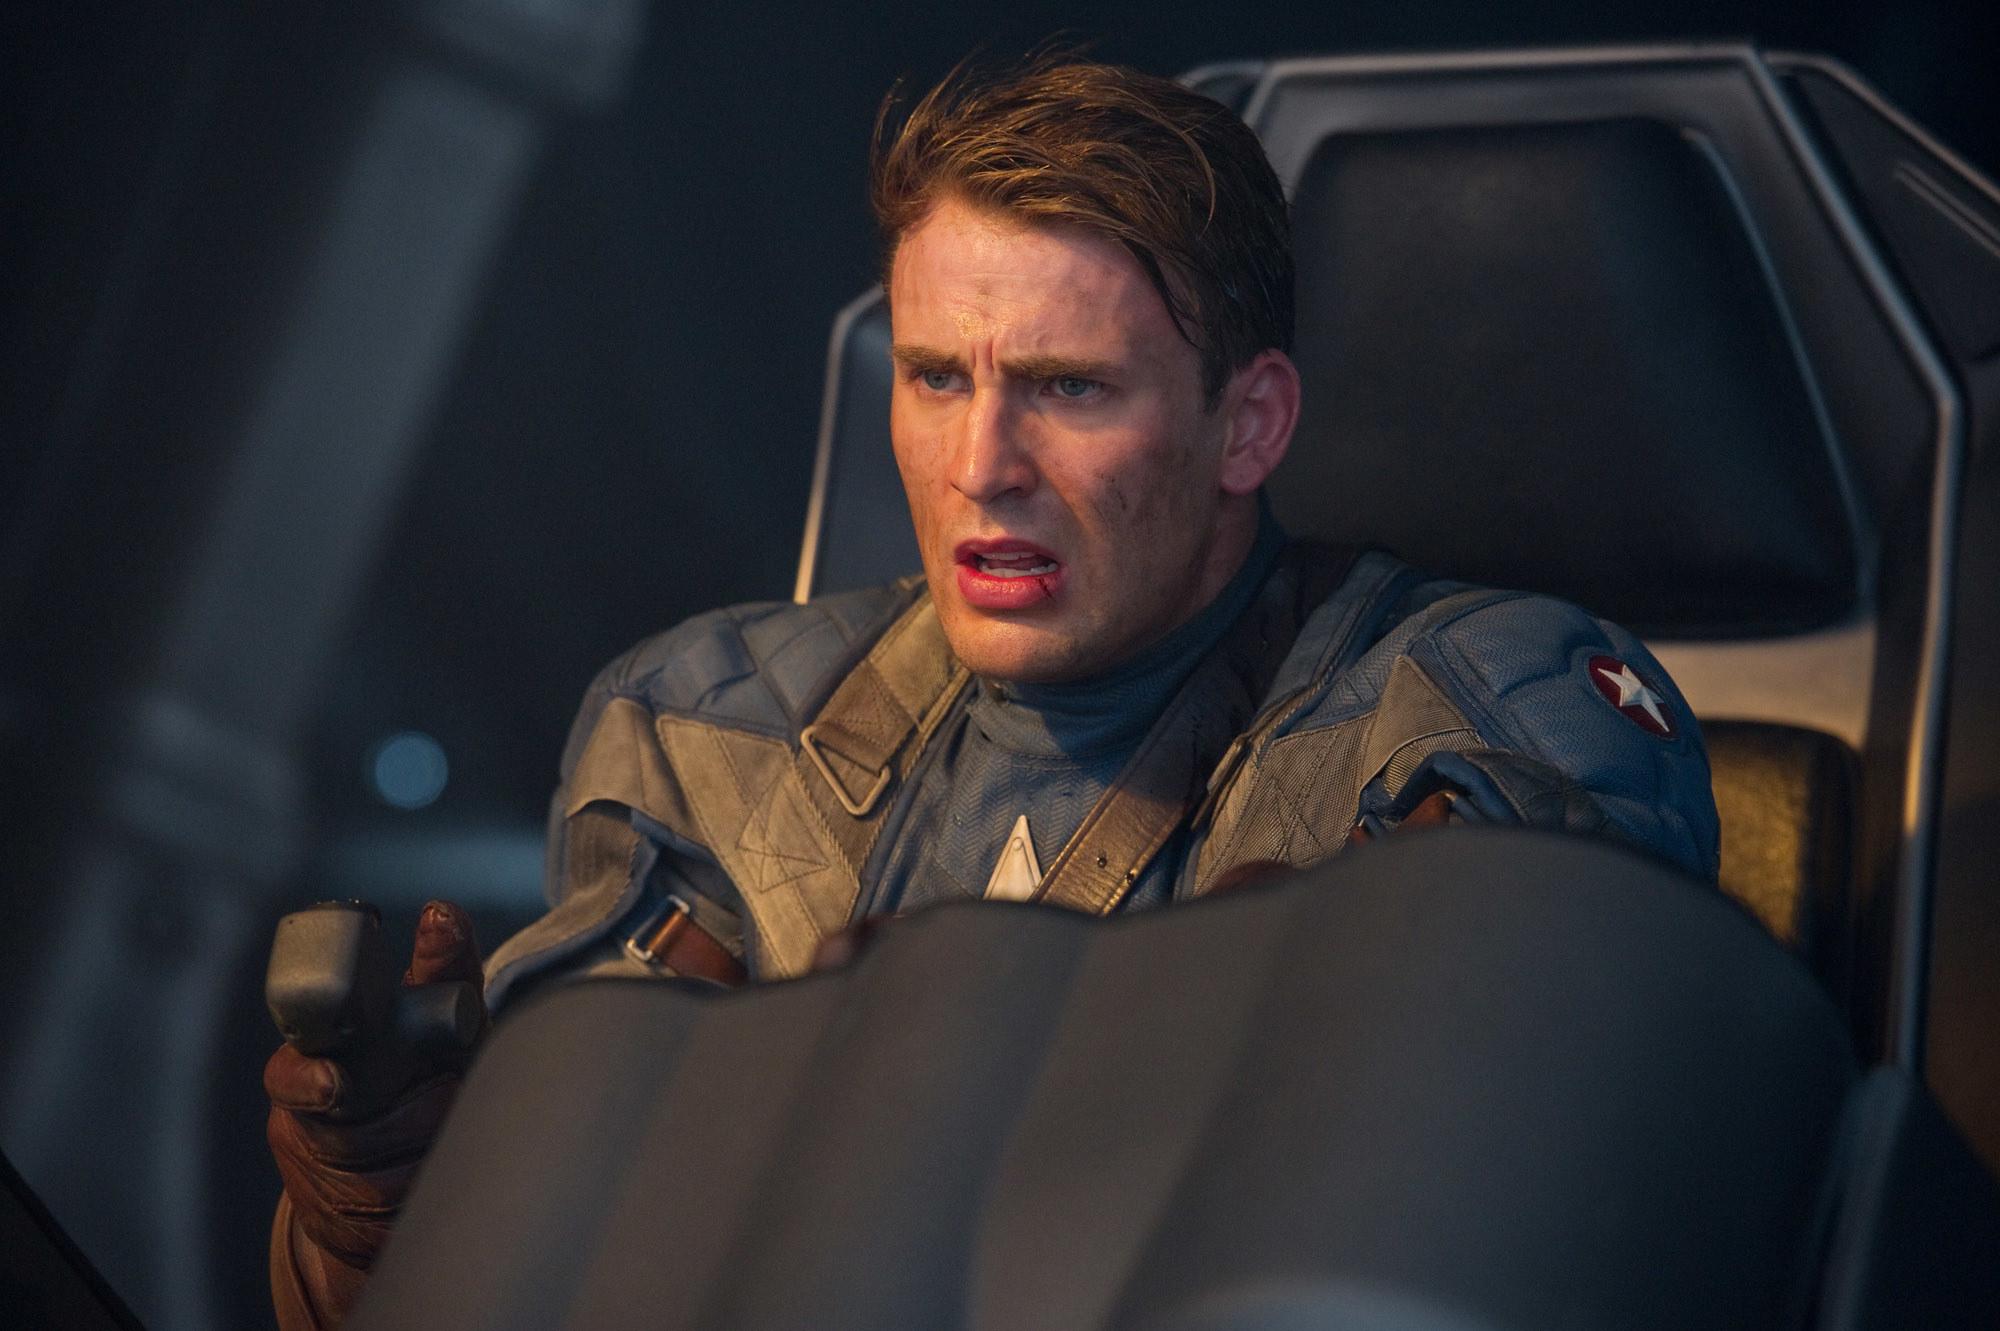 Captain America piloting a plane